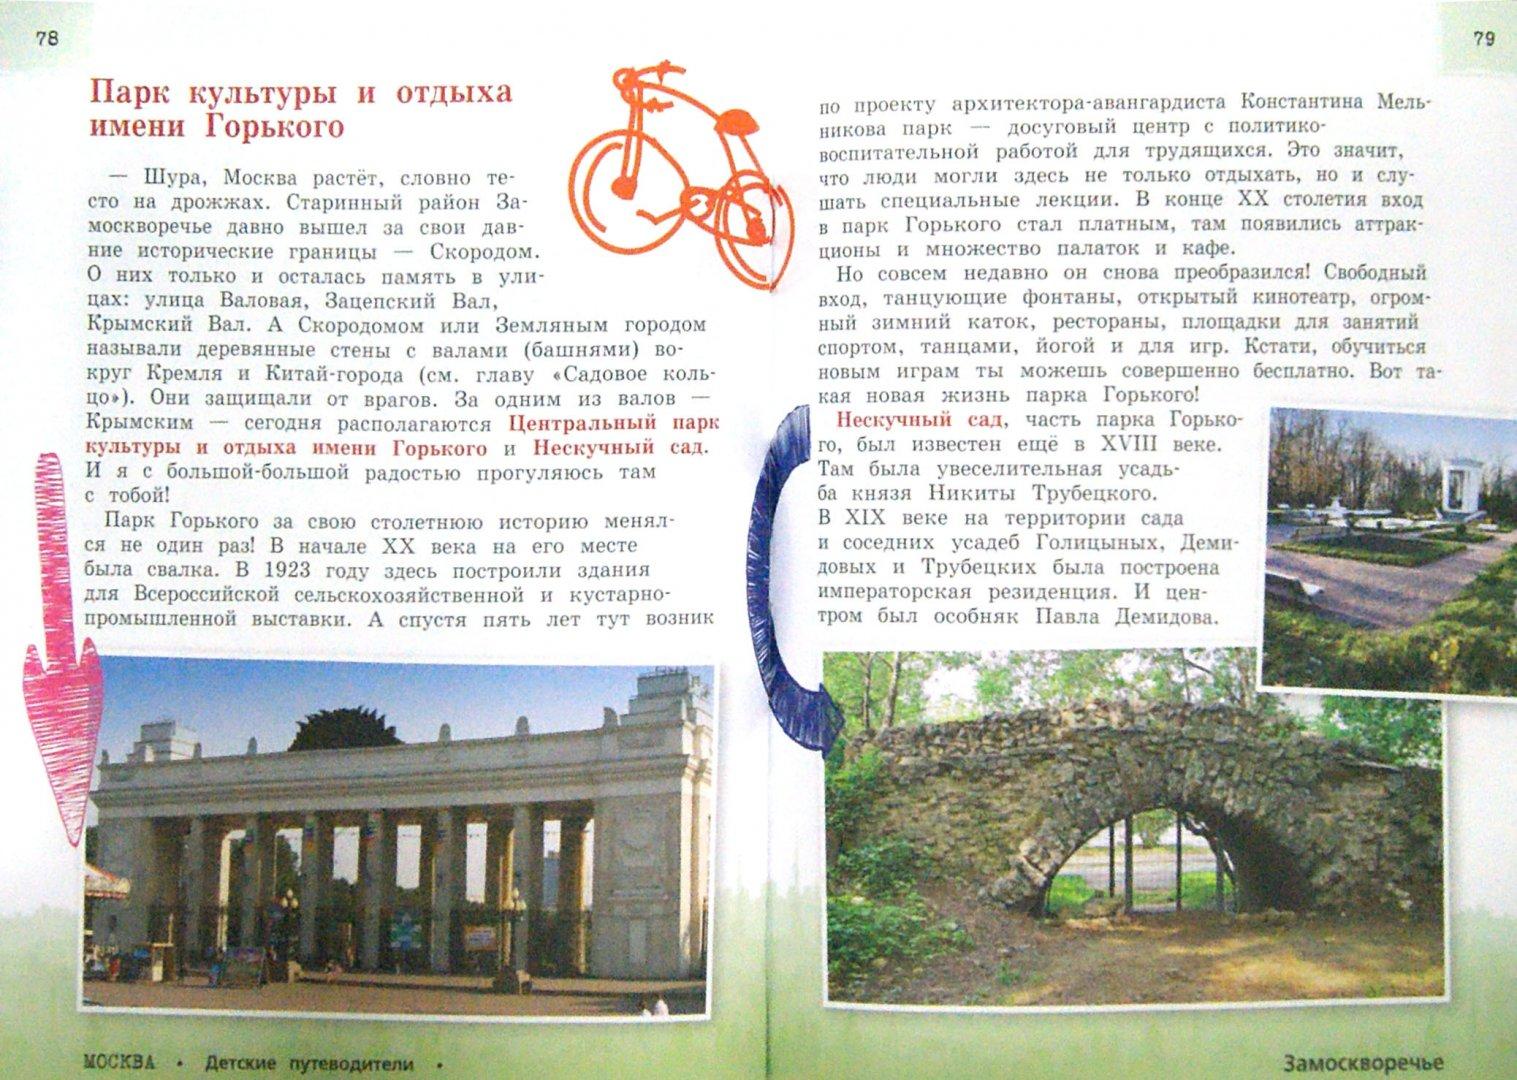 Иллюстрация 1 из 10 для Москва для детей - Наталья Андрианова   Лабиринт - книги. Источник: Лабиринт